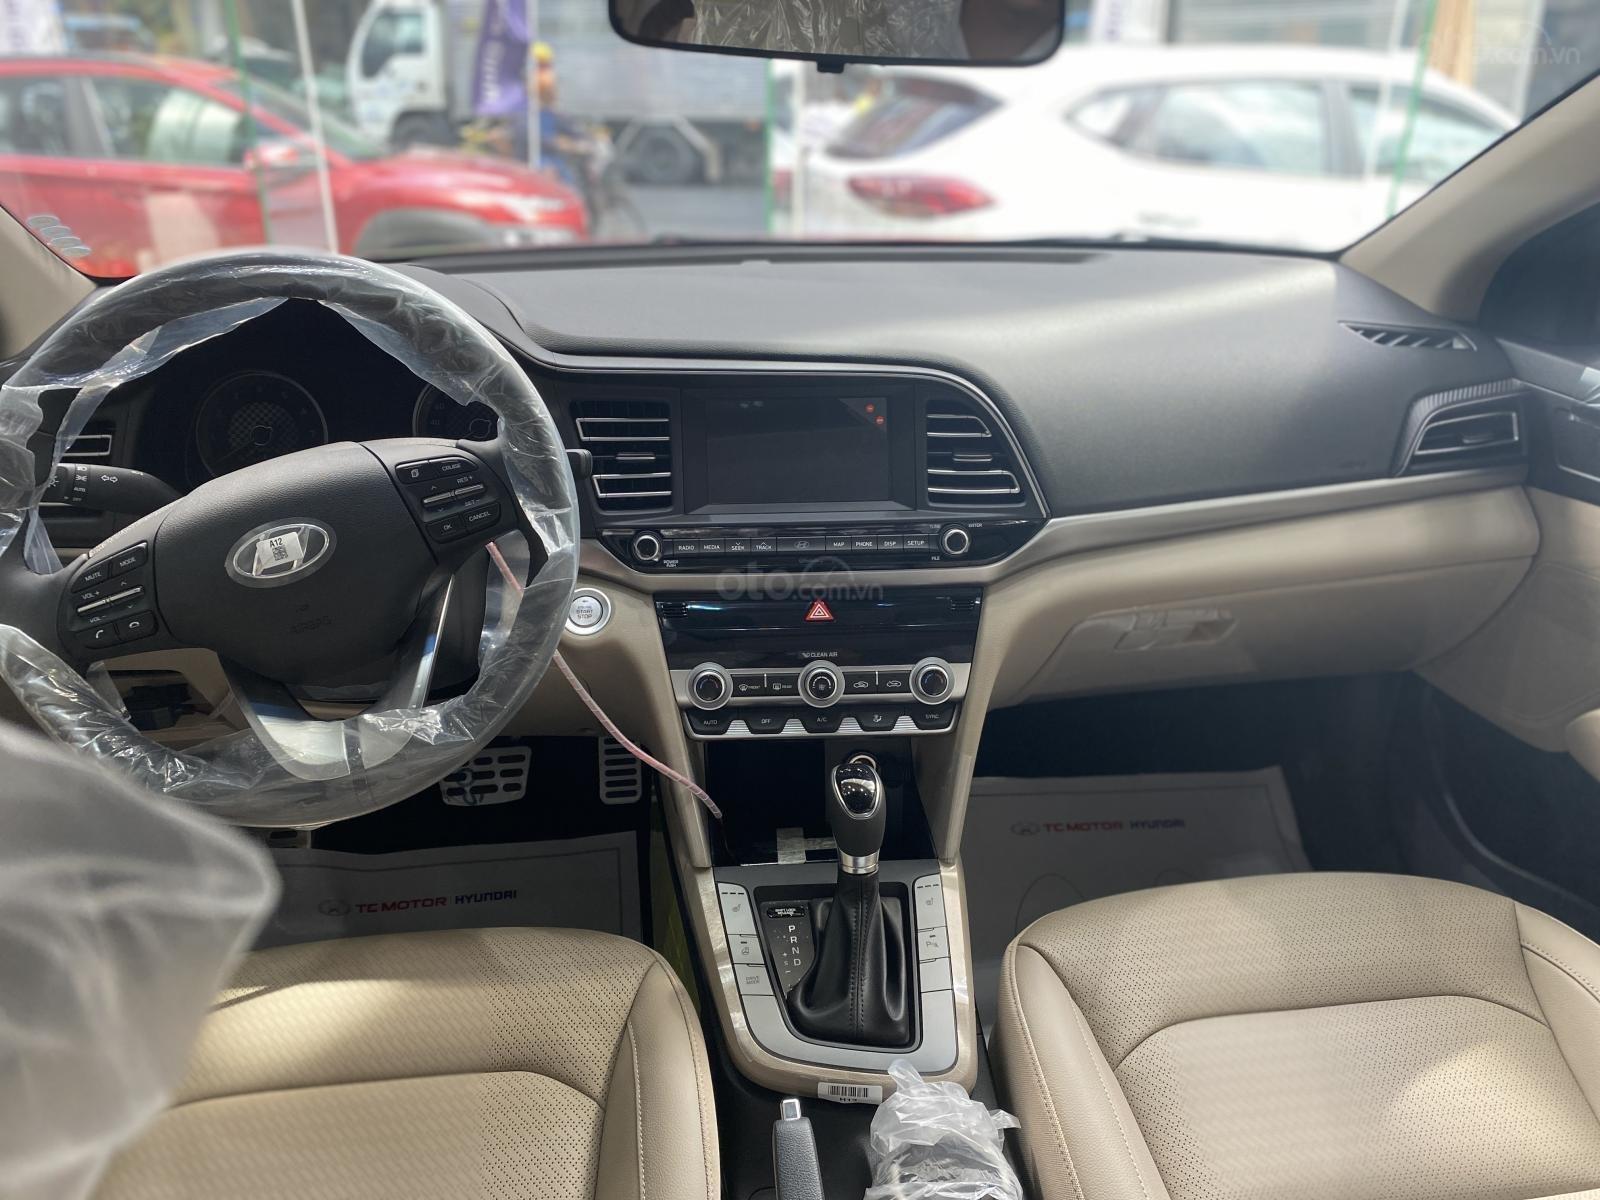 Cần bán Hyundai Elantra 2.0 AT đặc biệt sản xuất 2020, giá 686tr (10)